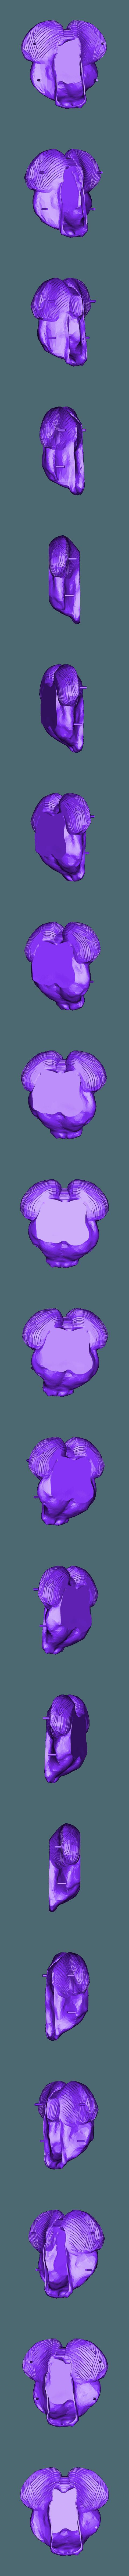 With Support brain bottom drfempop.stl Télécharger fichier STL gratuit Jardinière de cerveau • Design à imprimer en 3D, DrFemPop